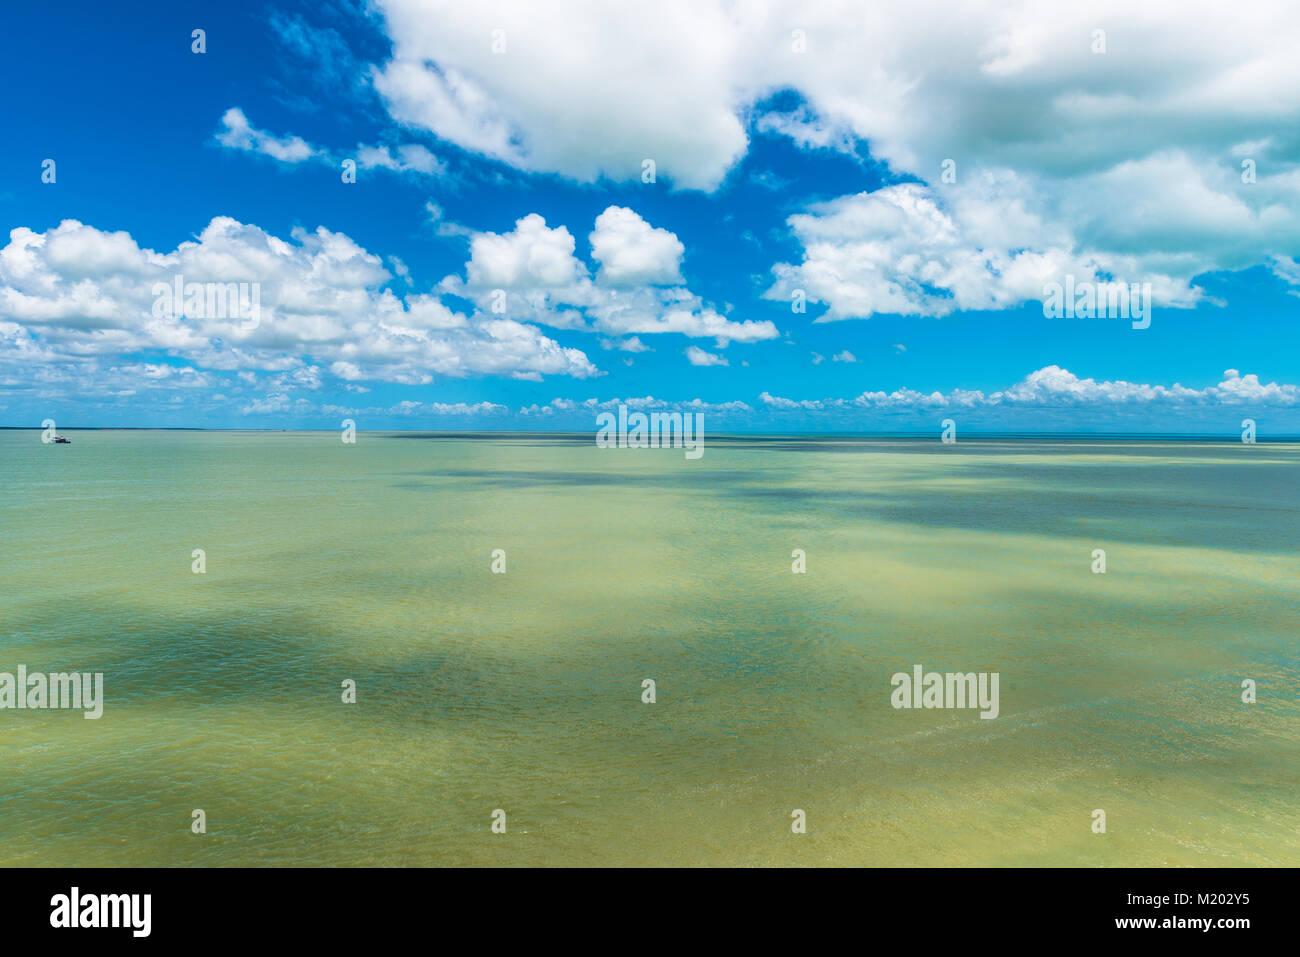 Kleines Boot auf der durch den Horizont links Perspektive bietet gegen den weiten Himmel und Meer Stockbild